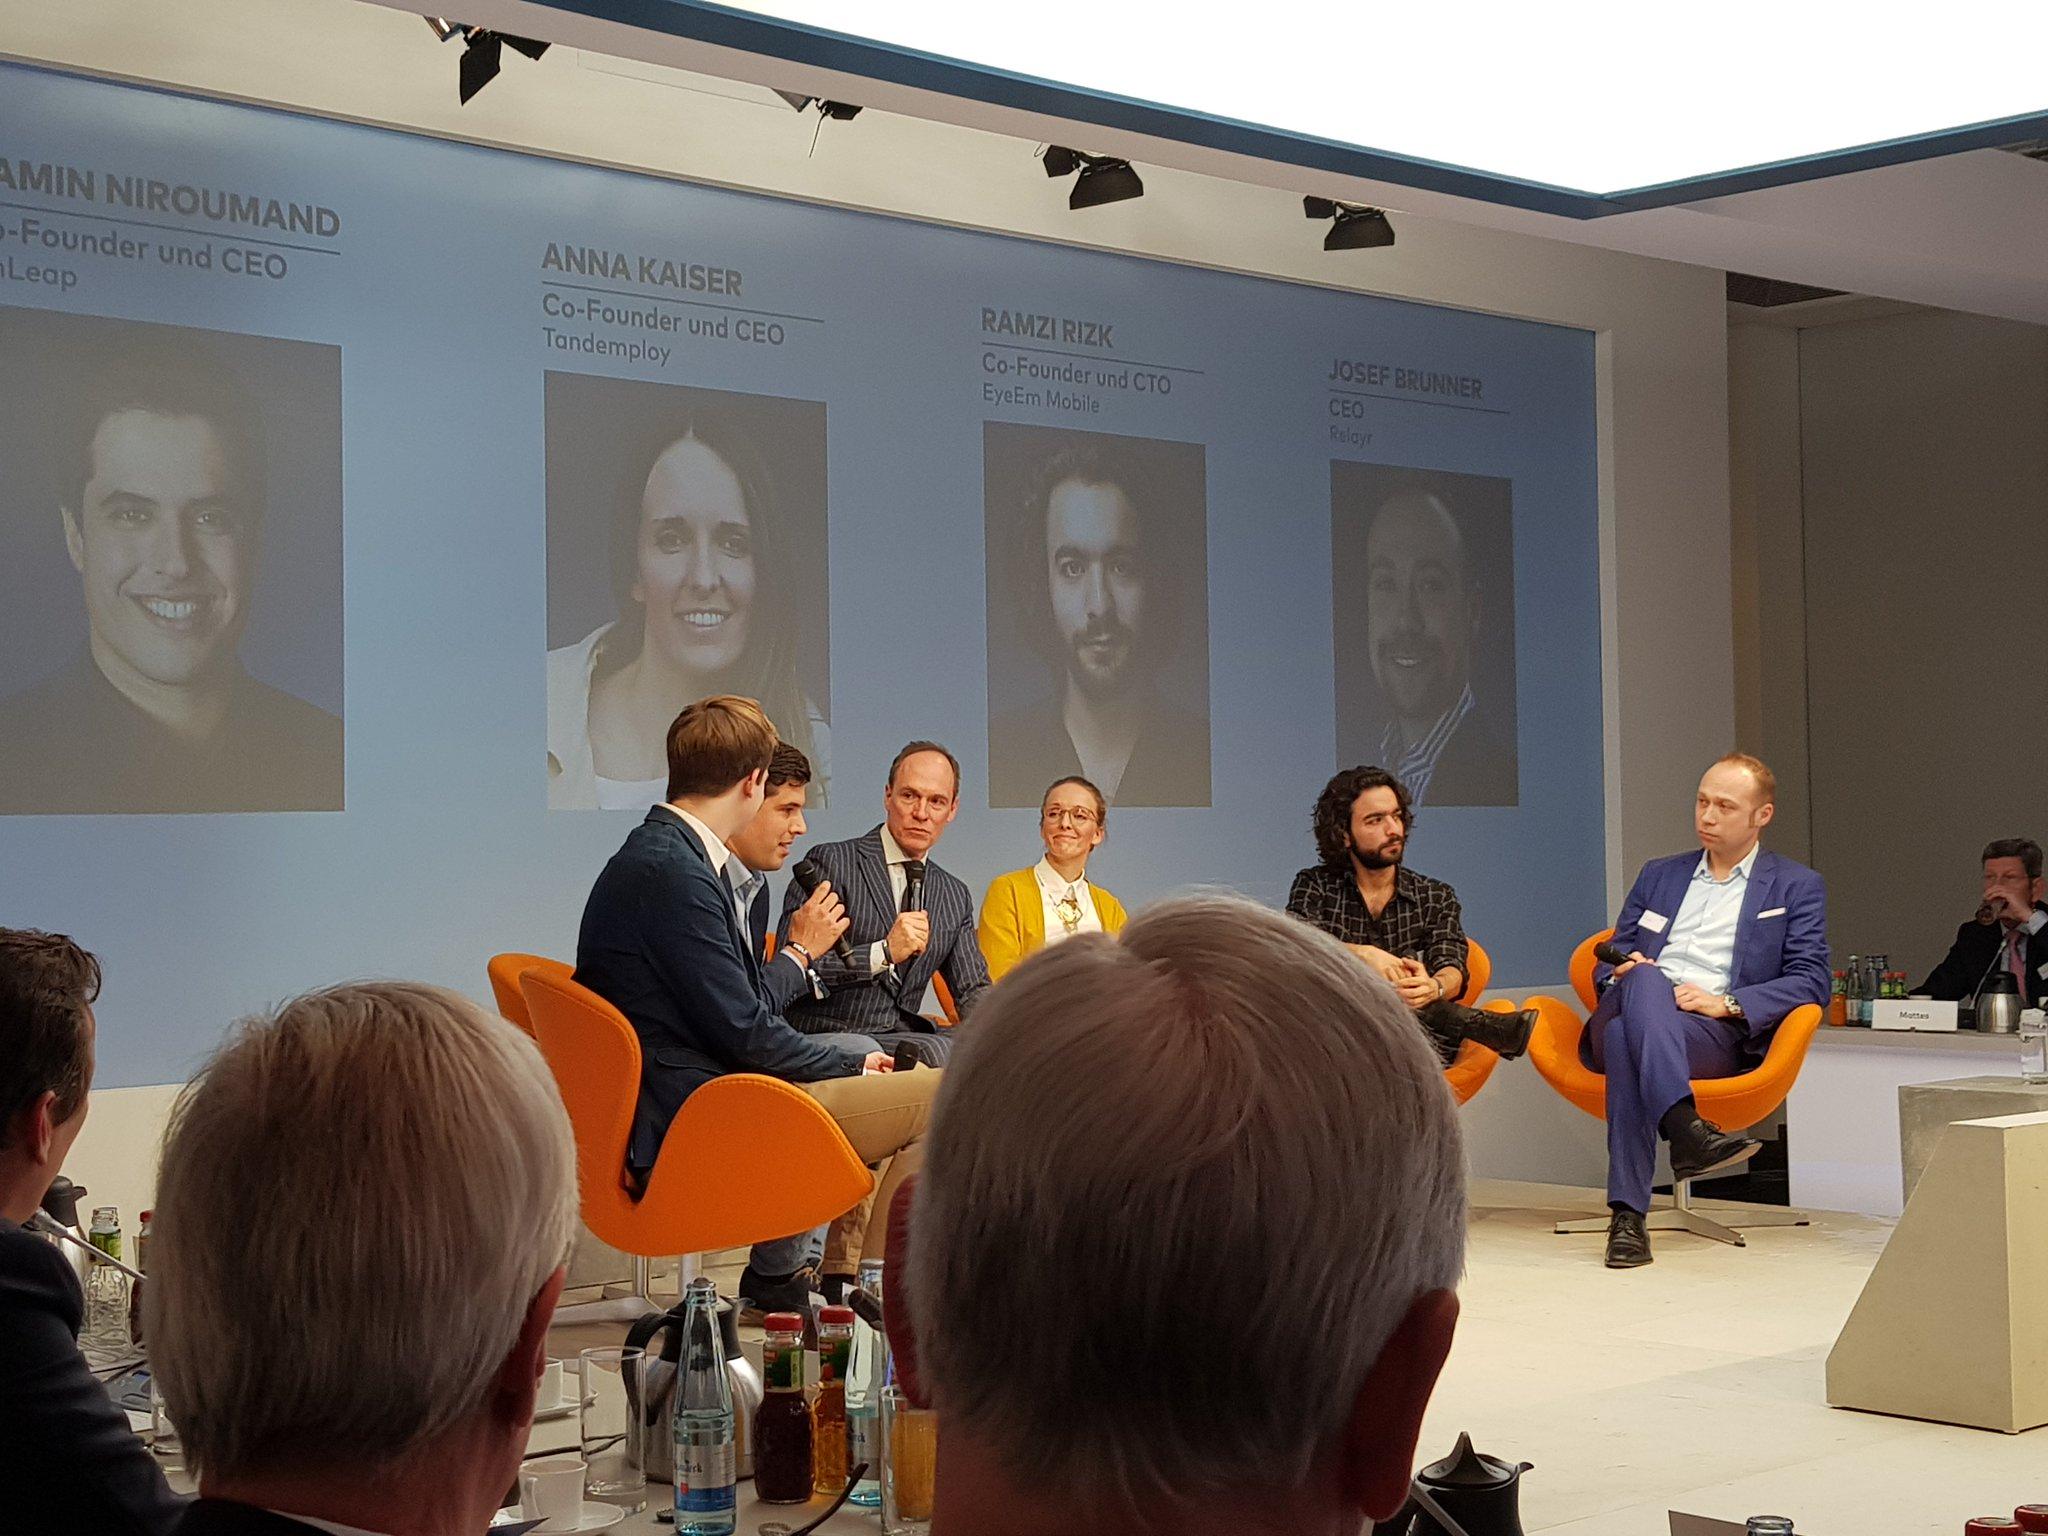 Silicon Valley einfach kopieren? hy-CEO @ChristophKeese geht der Frage nach, wie traditionelle deutsche Unternehmen schneller und agiler werden. #WELTWirtschaftsgipfel https://t.co/um5wiaRvvs